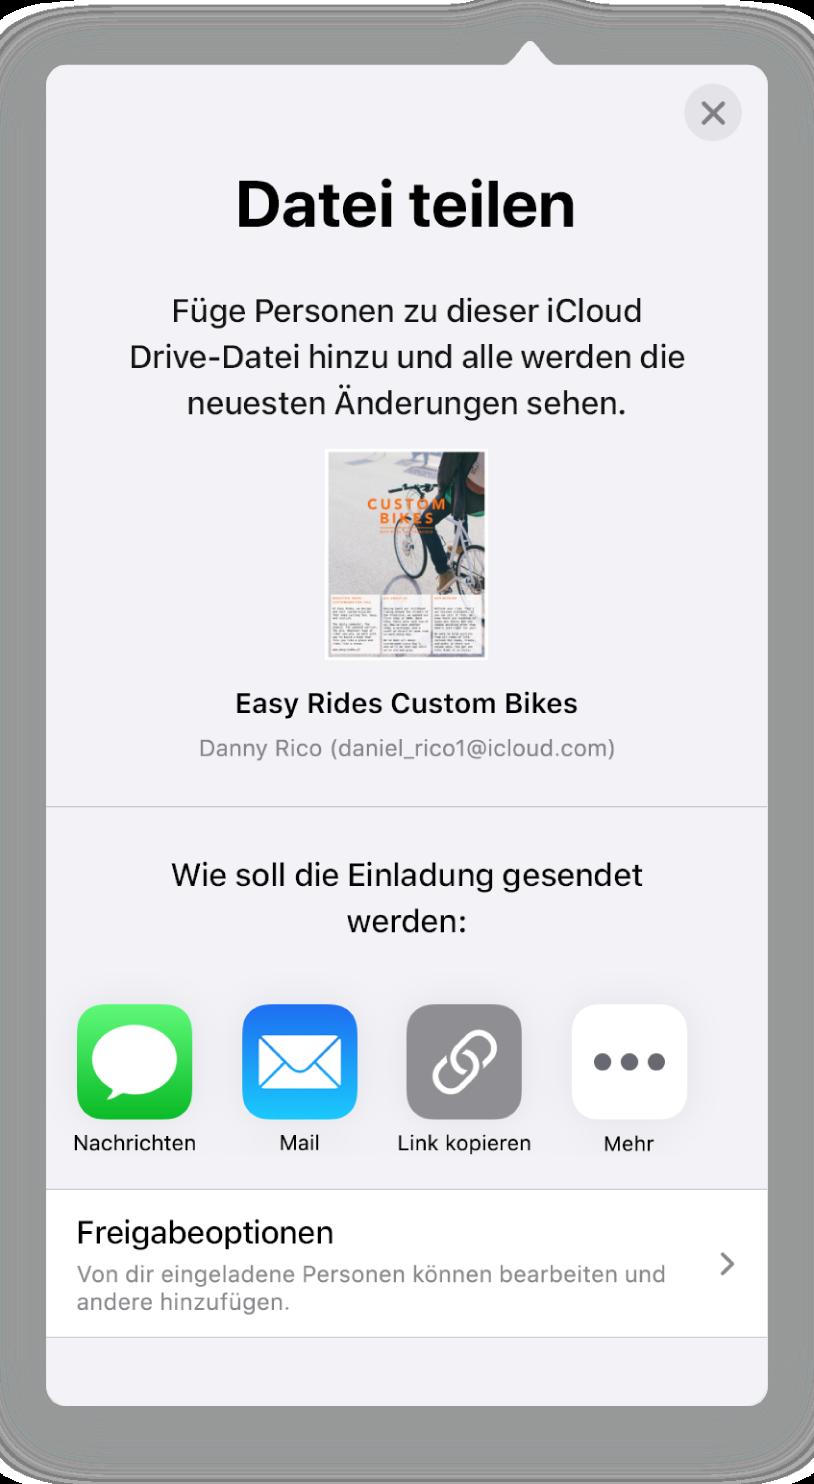 """Im Bildschirm """"Personen hinzufügen"""" wird ein Bild des Dokuments angezeigt, das geteilt werden soll. Darunter befinden sich Tasten für die Optionen zum Senden der Einladung, inkl. der App """"Mail"""" sowie """"Link kopieren"""" und mehr. Unten im Bildschirm ist die Taste """"Freigabeoptionen""""."""